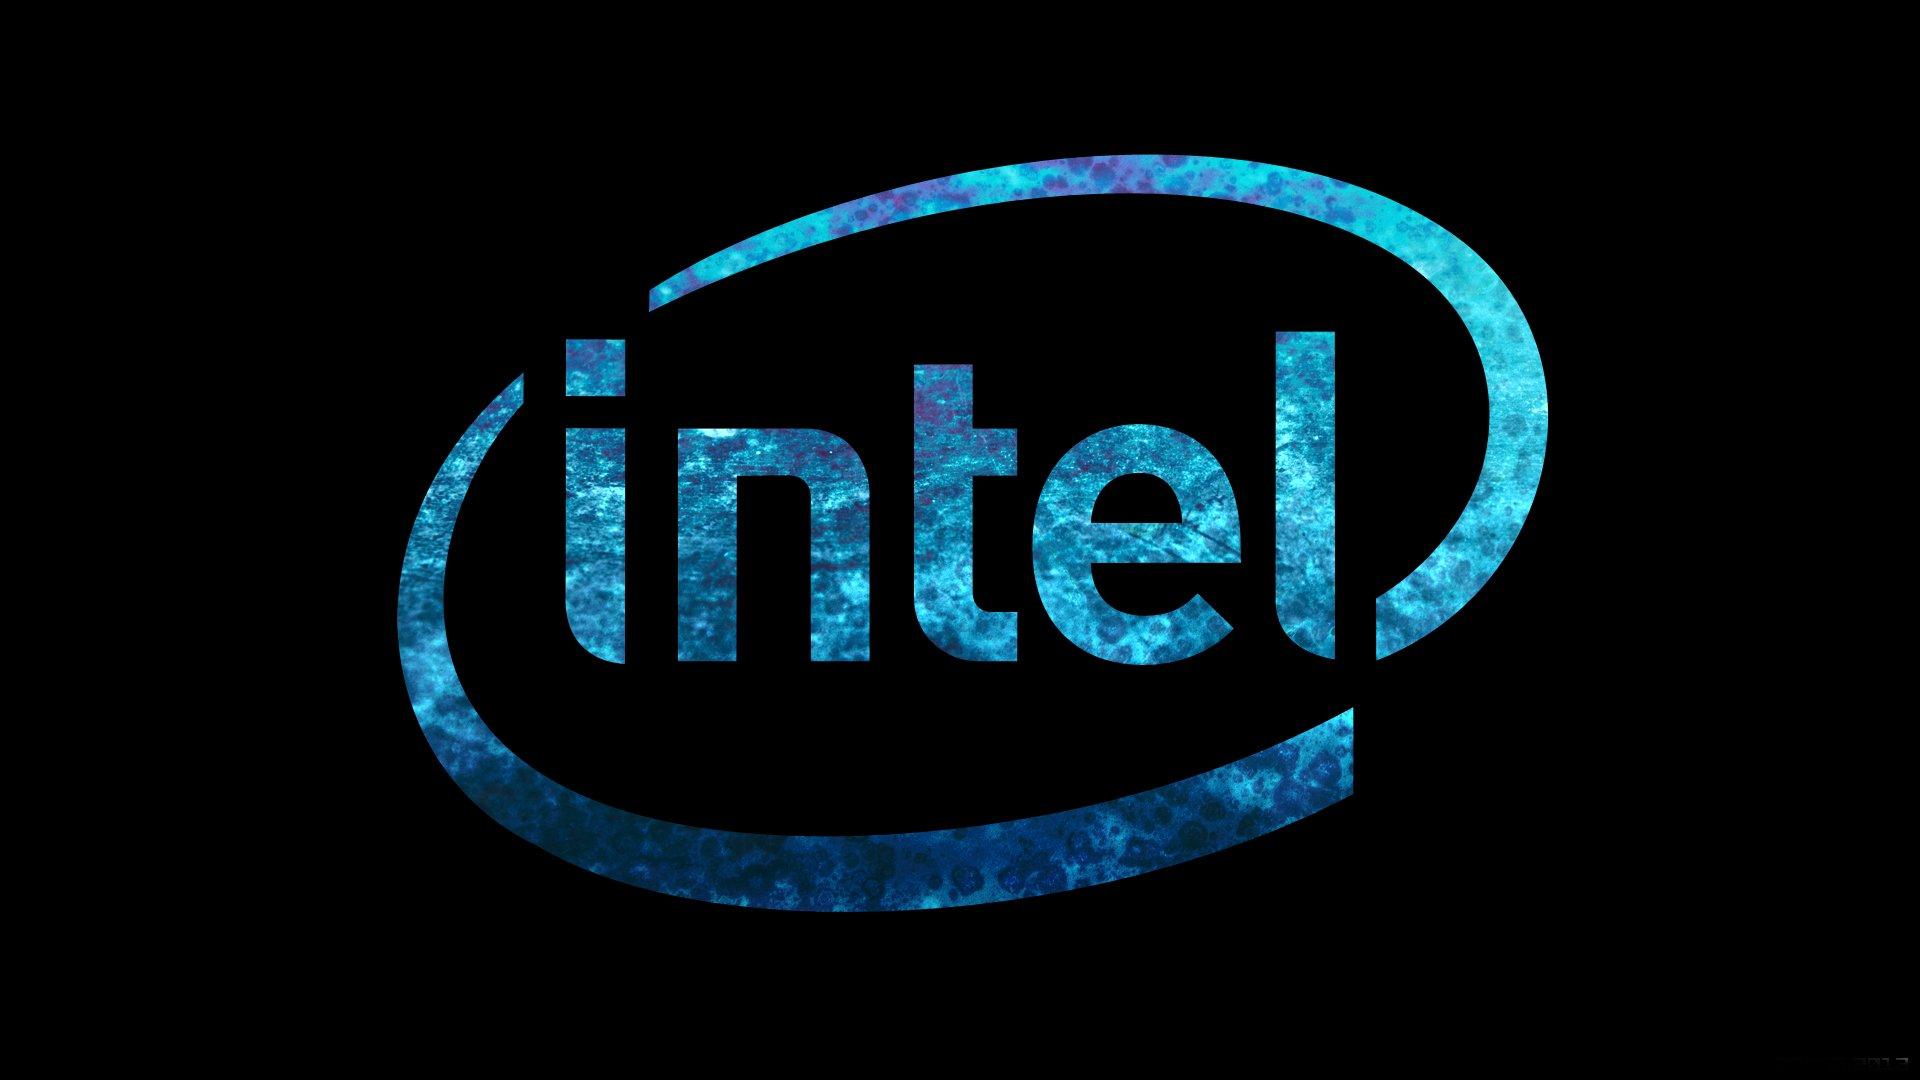 Intel Logo 1920x1080